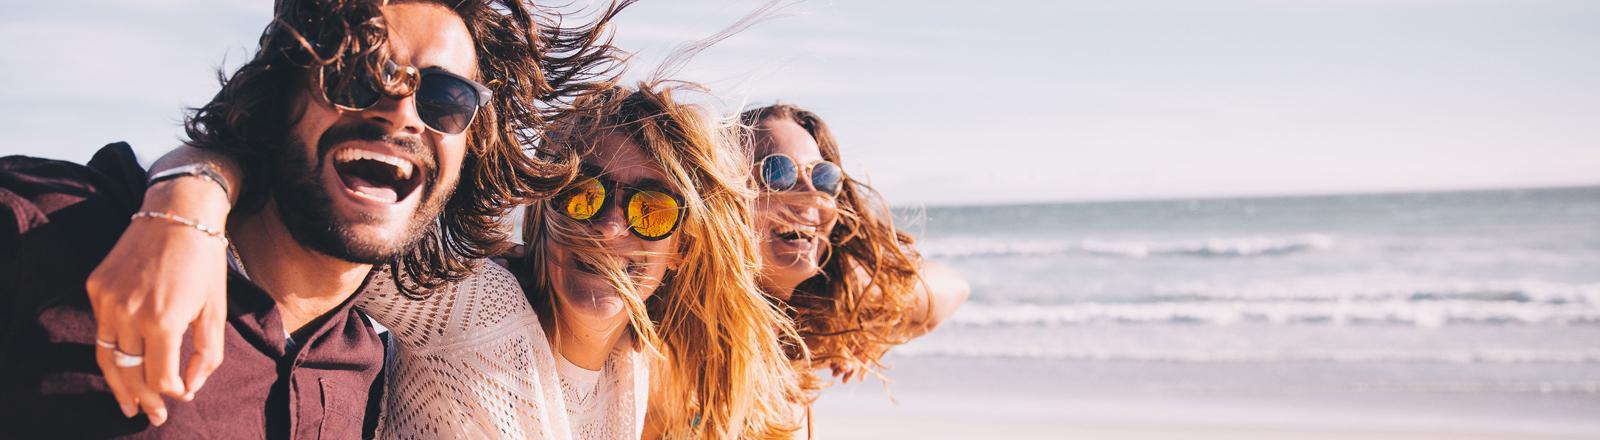 Drei Freunde am Strand: Mann, Frau, Frau